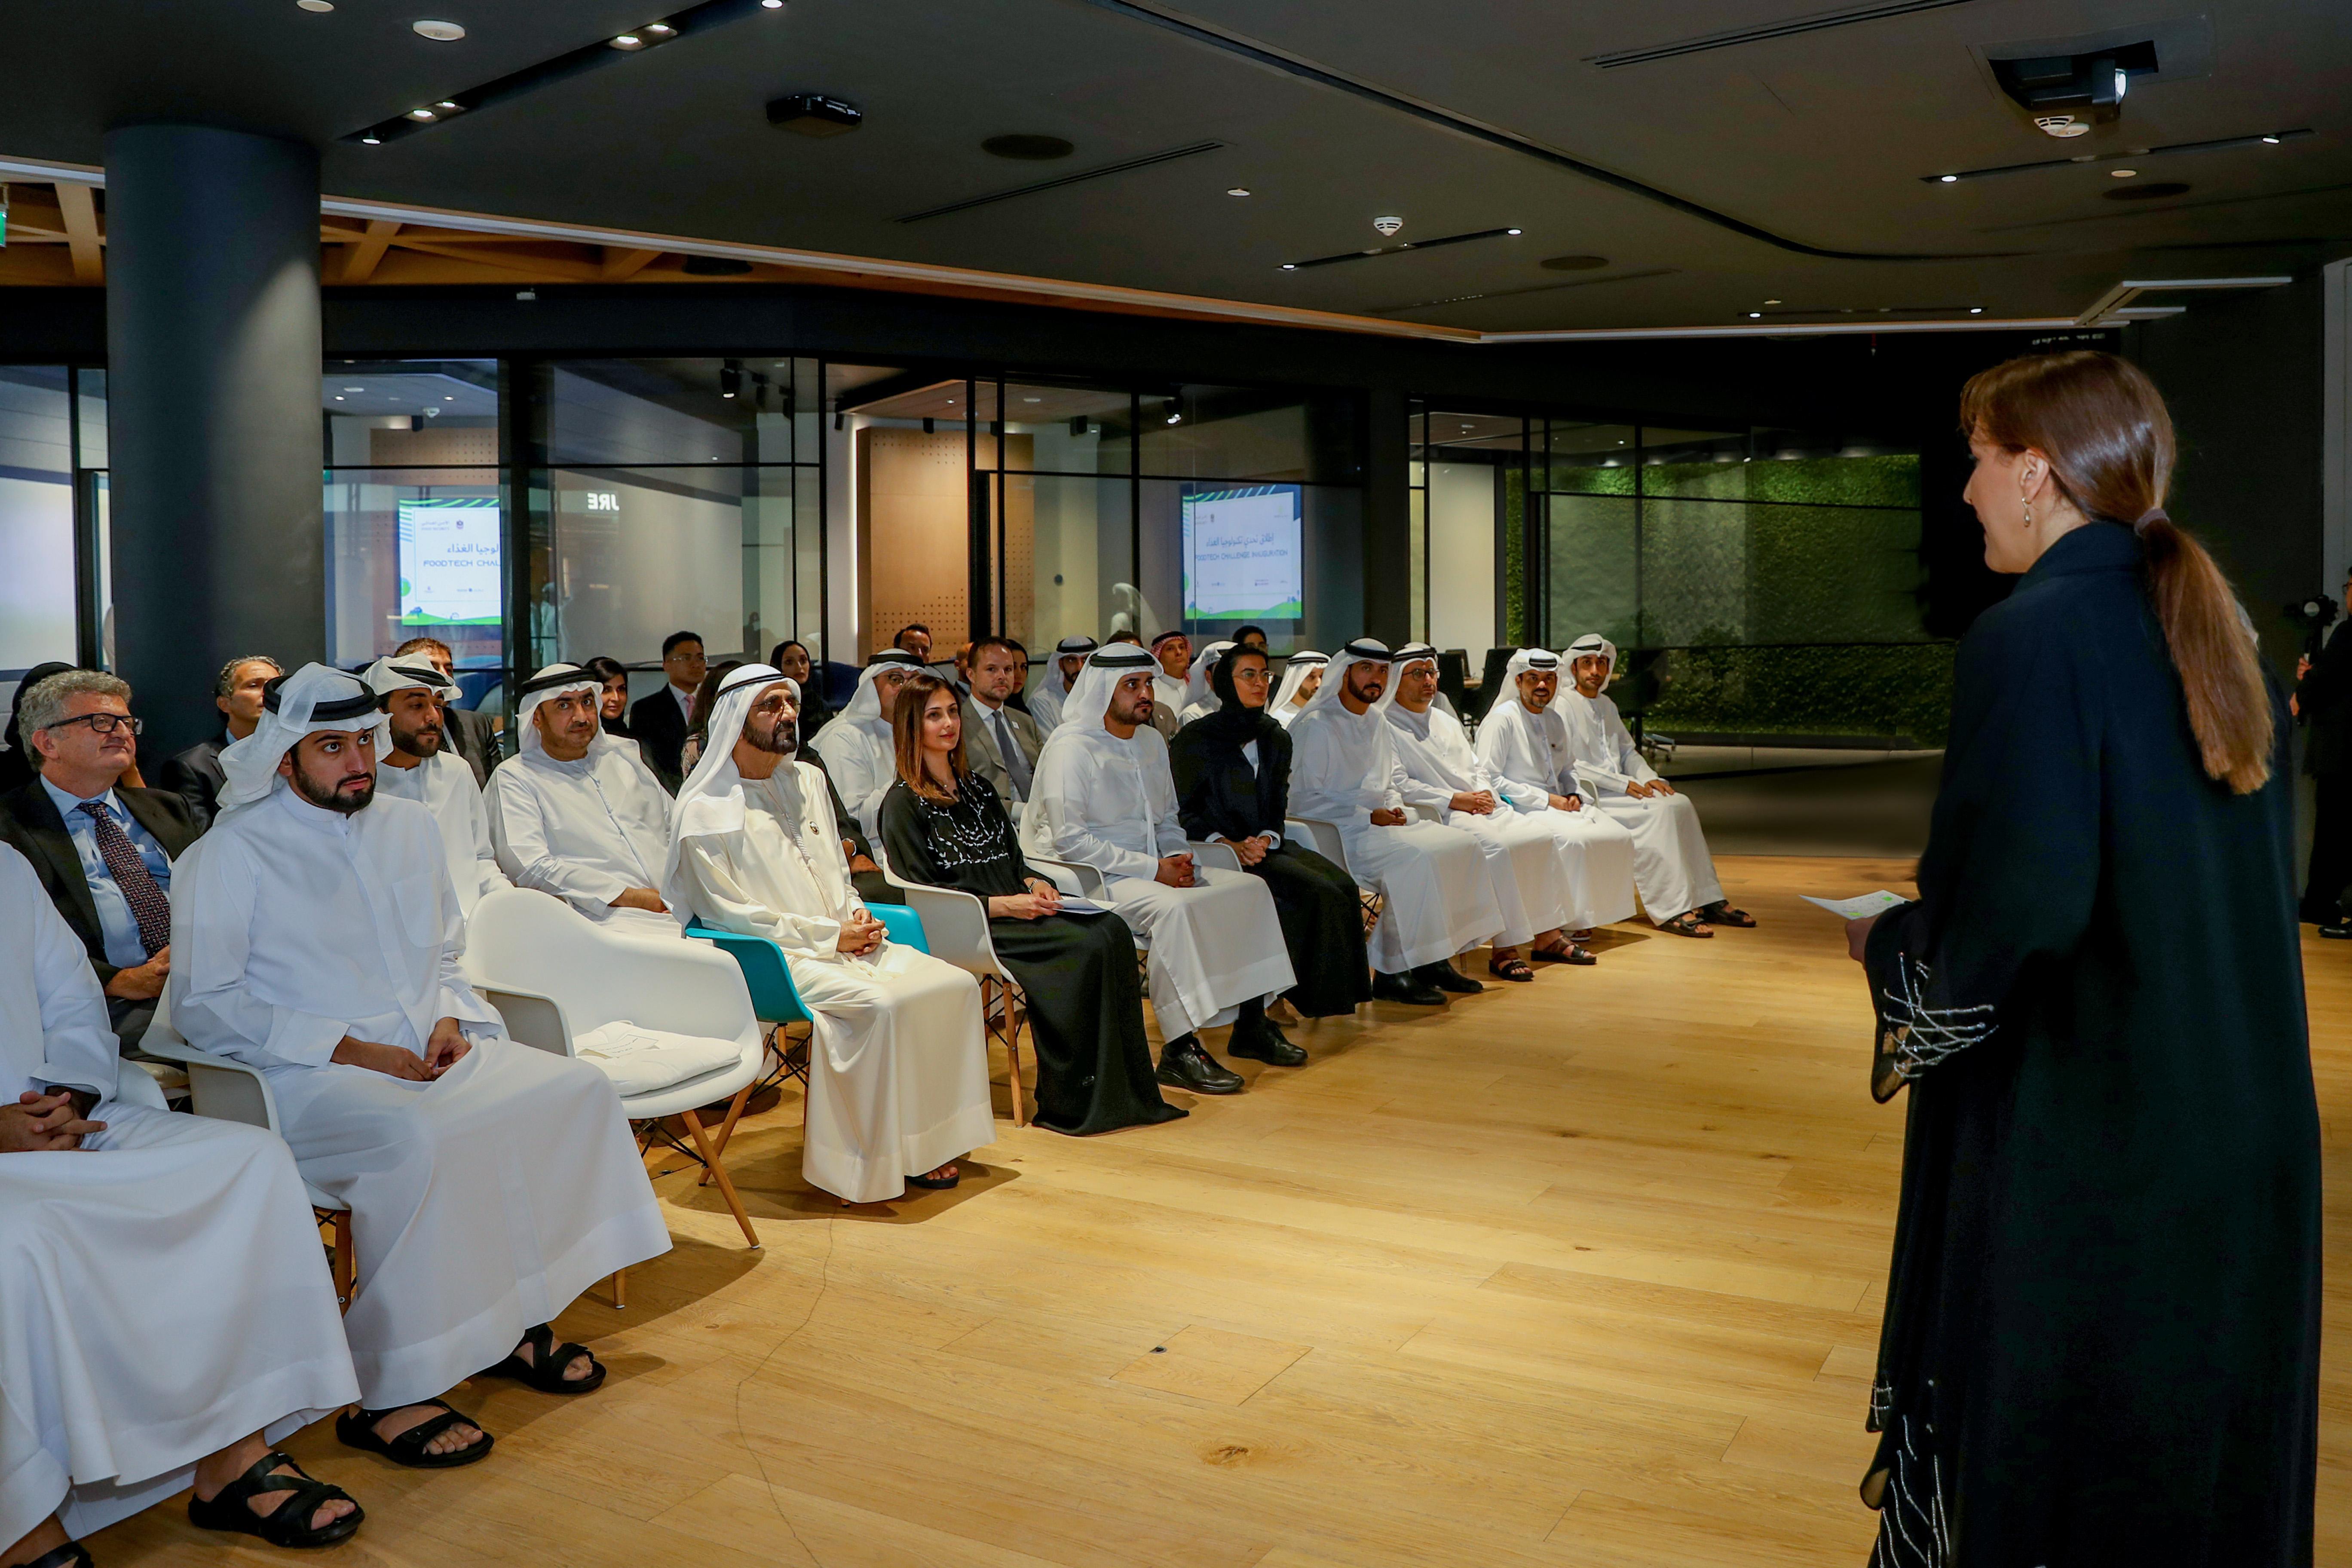 """محمد بن راشد يطلق """" تحدي تكنولوجيا الغذاء العالمي """" لاستخدام التقنيات المتقدمة في إنتاج وإدارة الغذاء في الإمارات"""